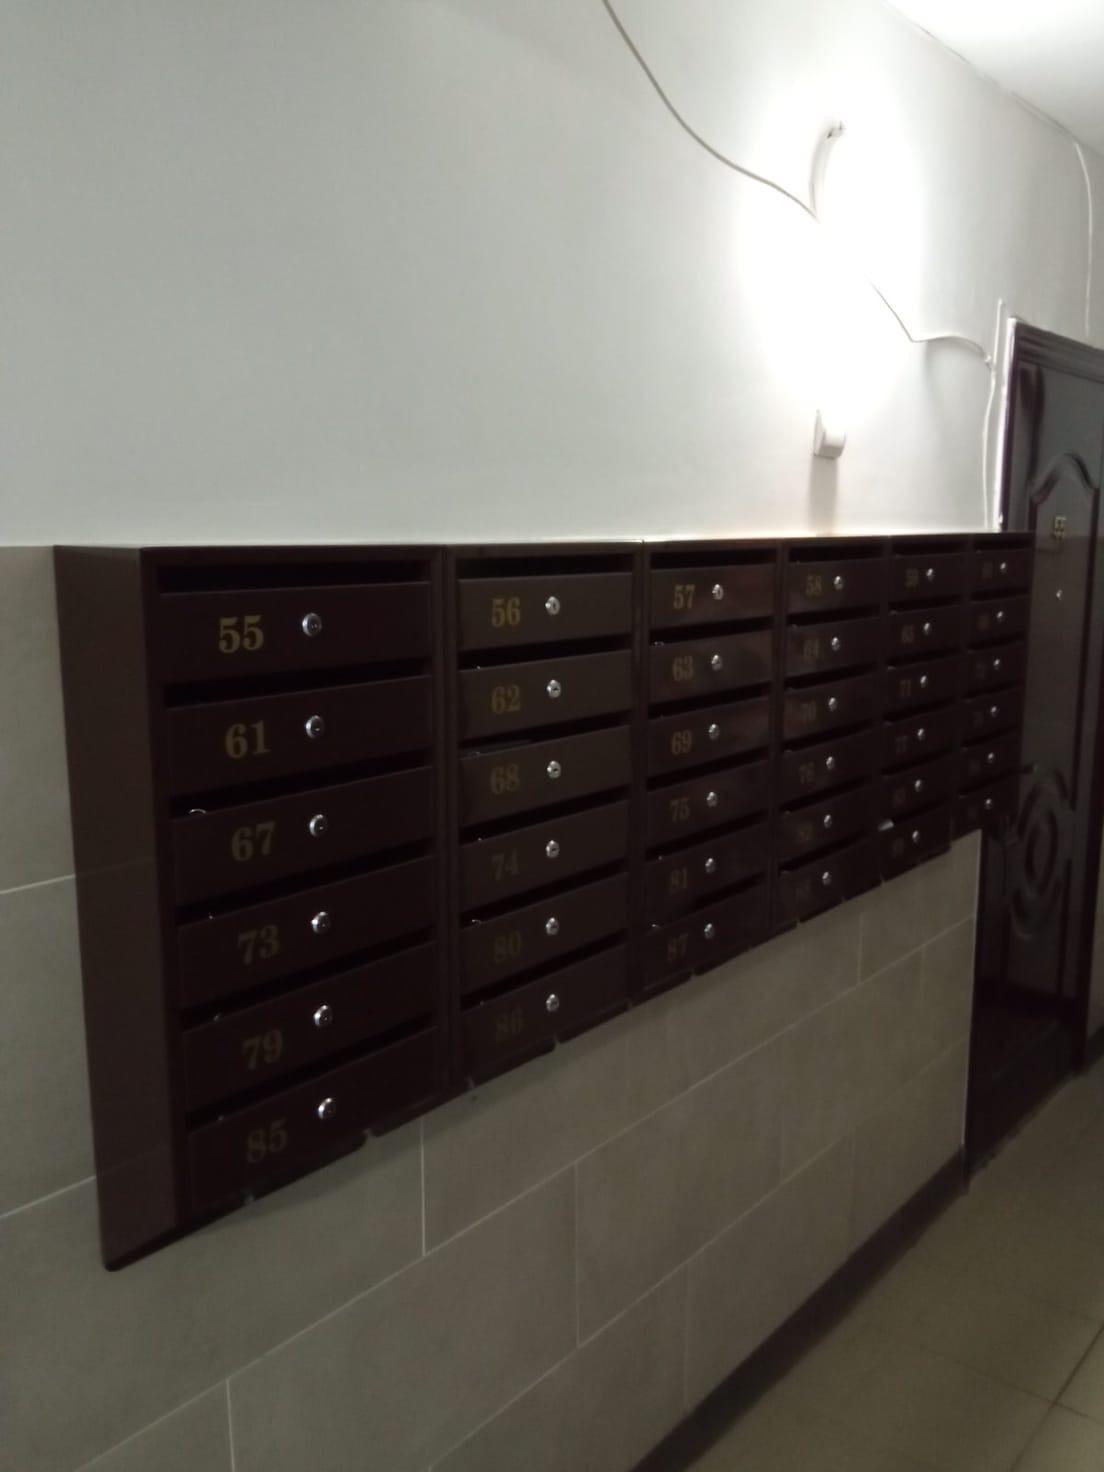 Улица Ердякова дом 14 установка почтовых ящиков